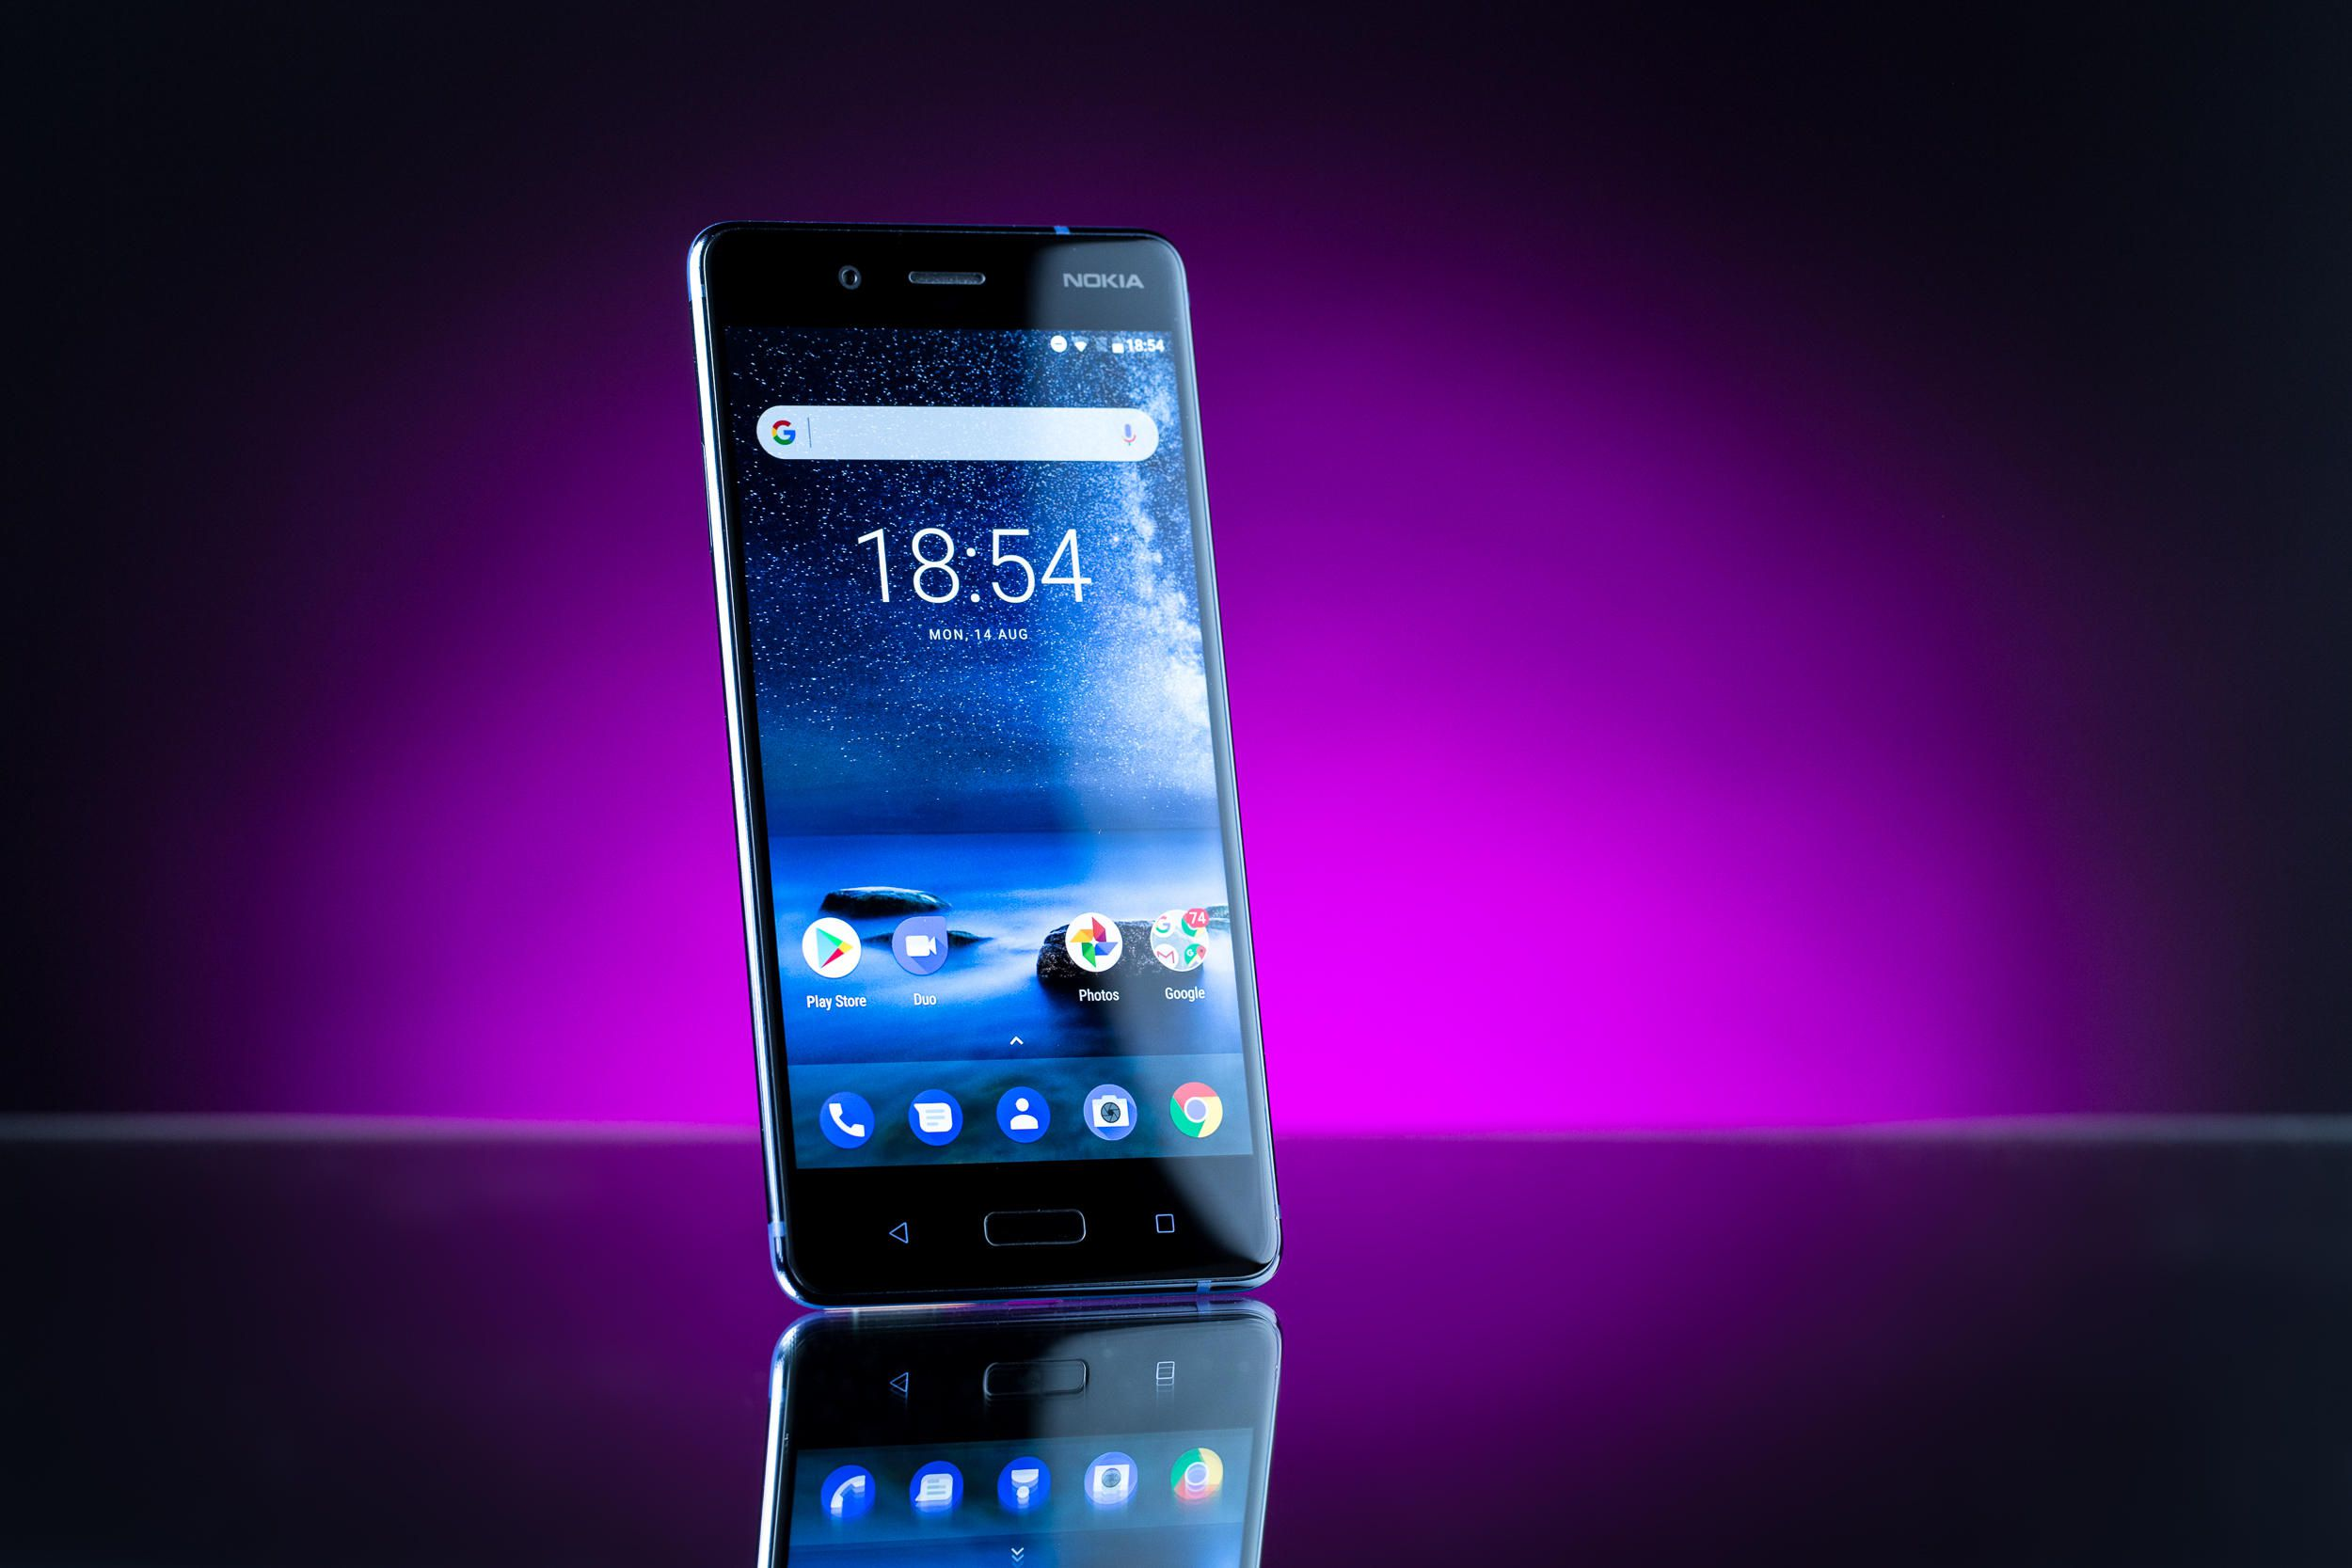 Какой смартфон лучше Nokia или Sony